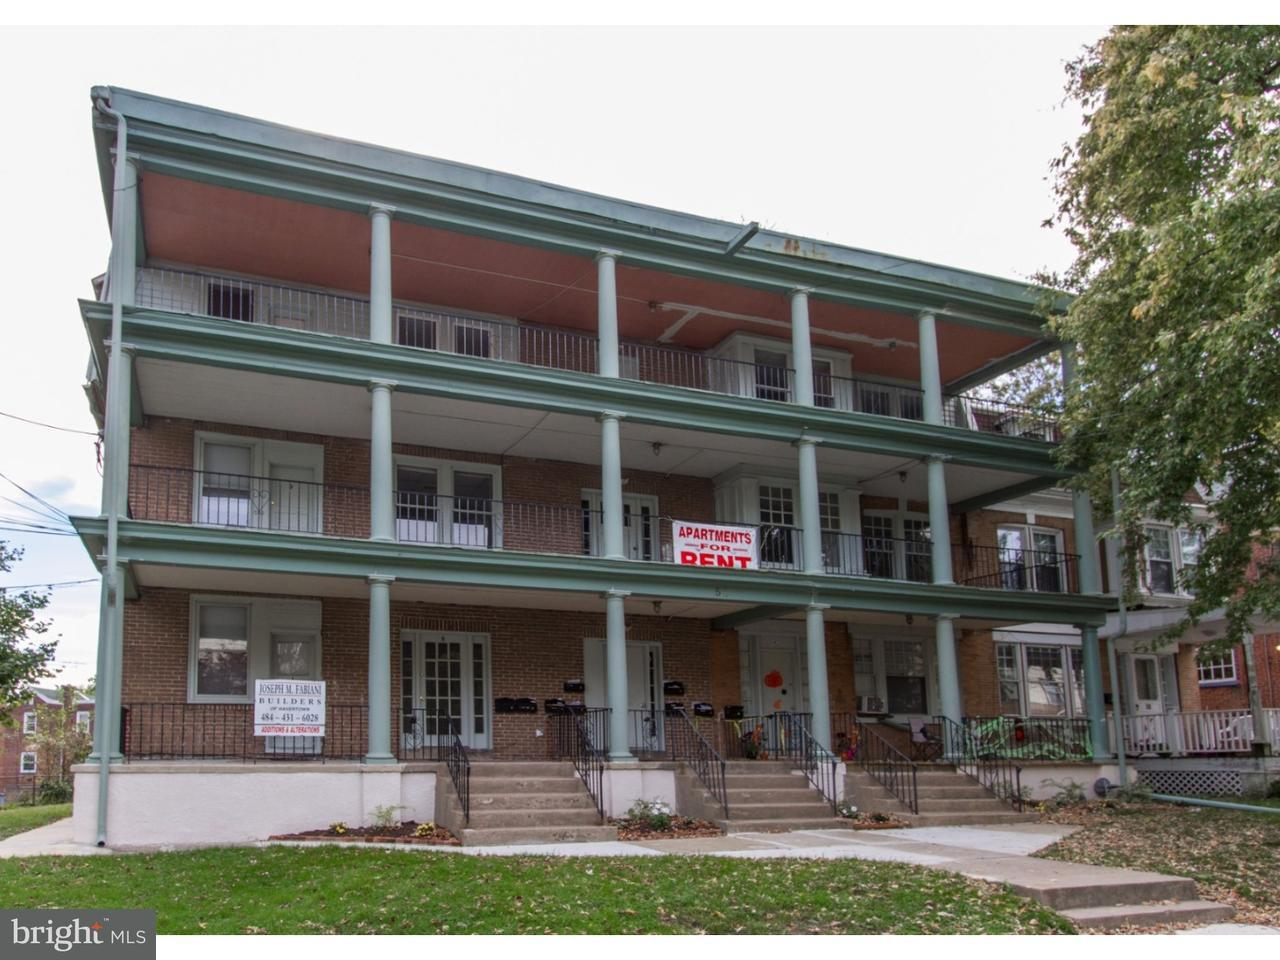 Maison unifamiliale pour l à louer à 52-54 E STRATFORD AVE #H Lansdowne, Pennsylvanie 19050 États-Unis